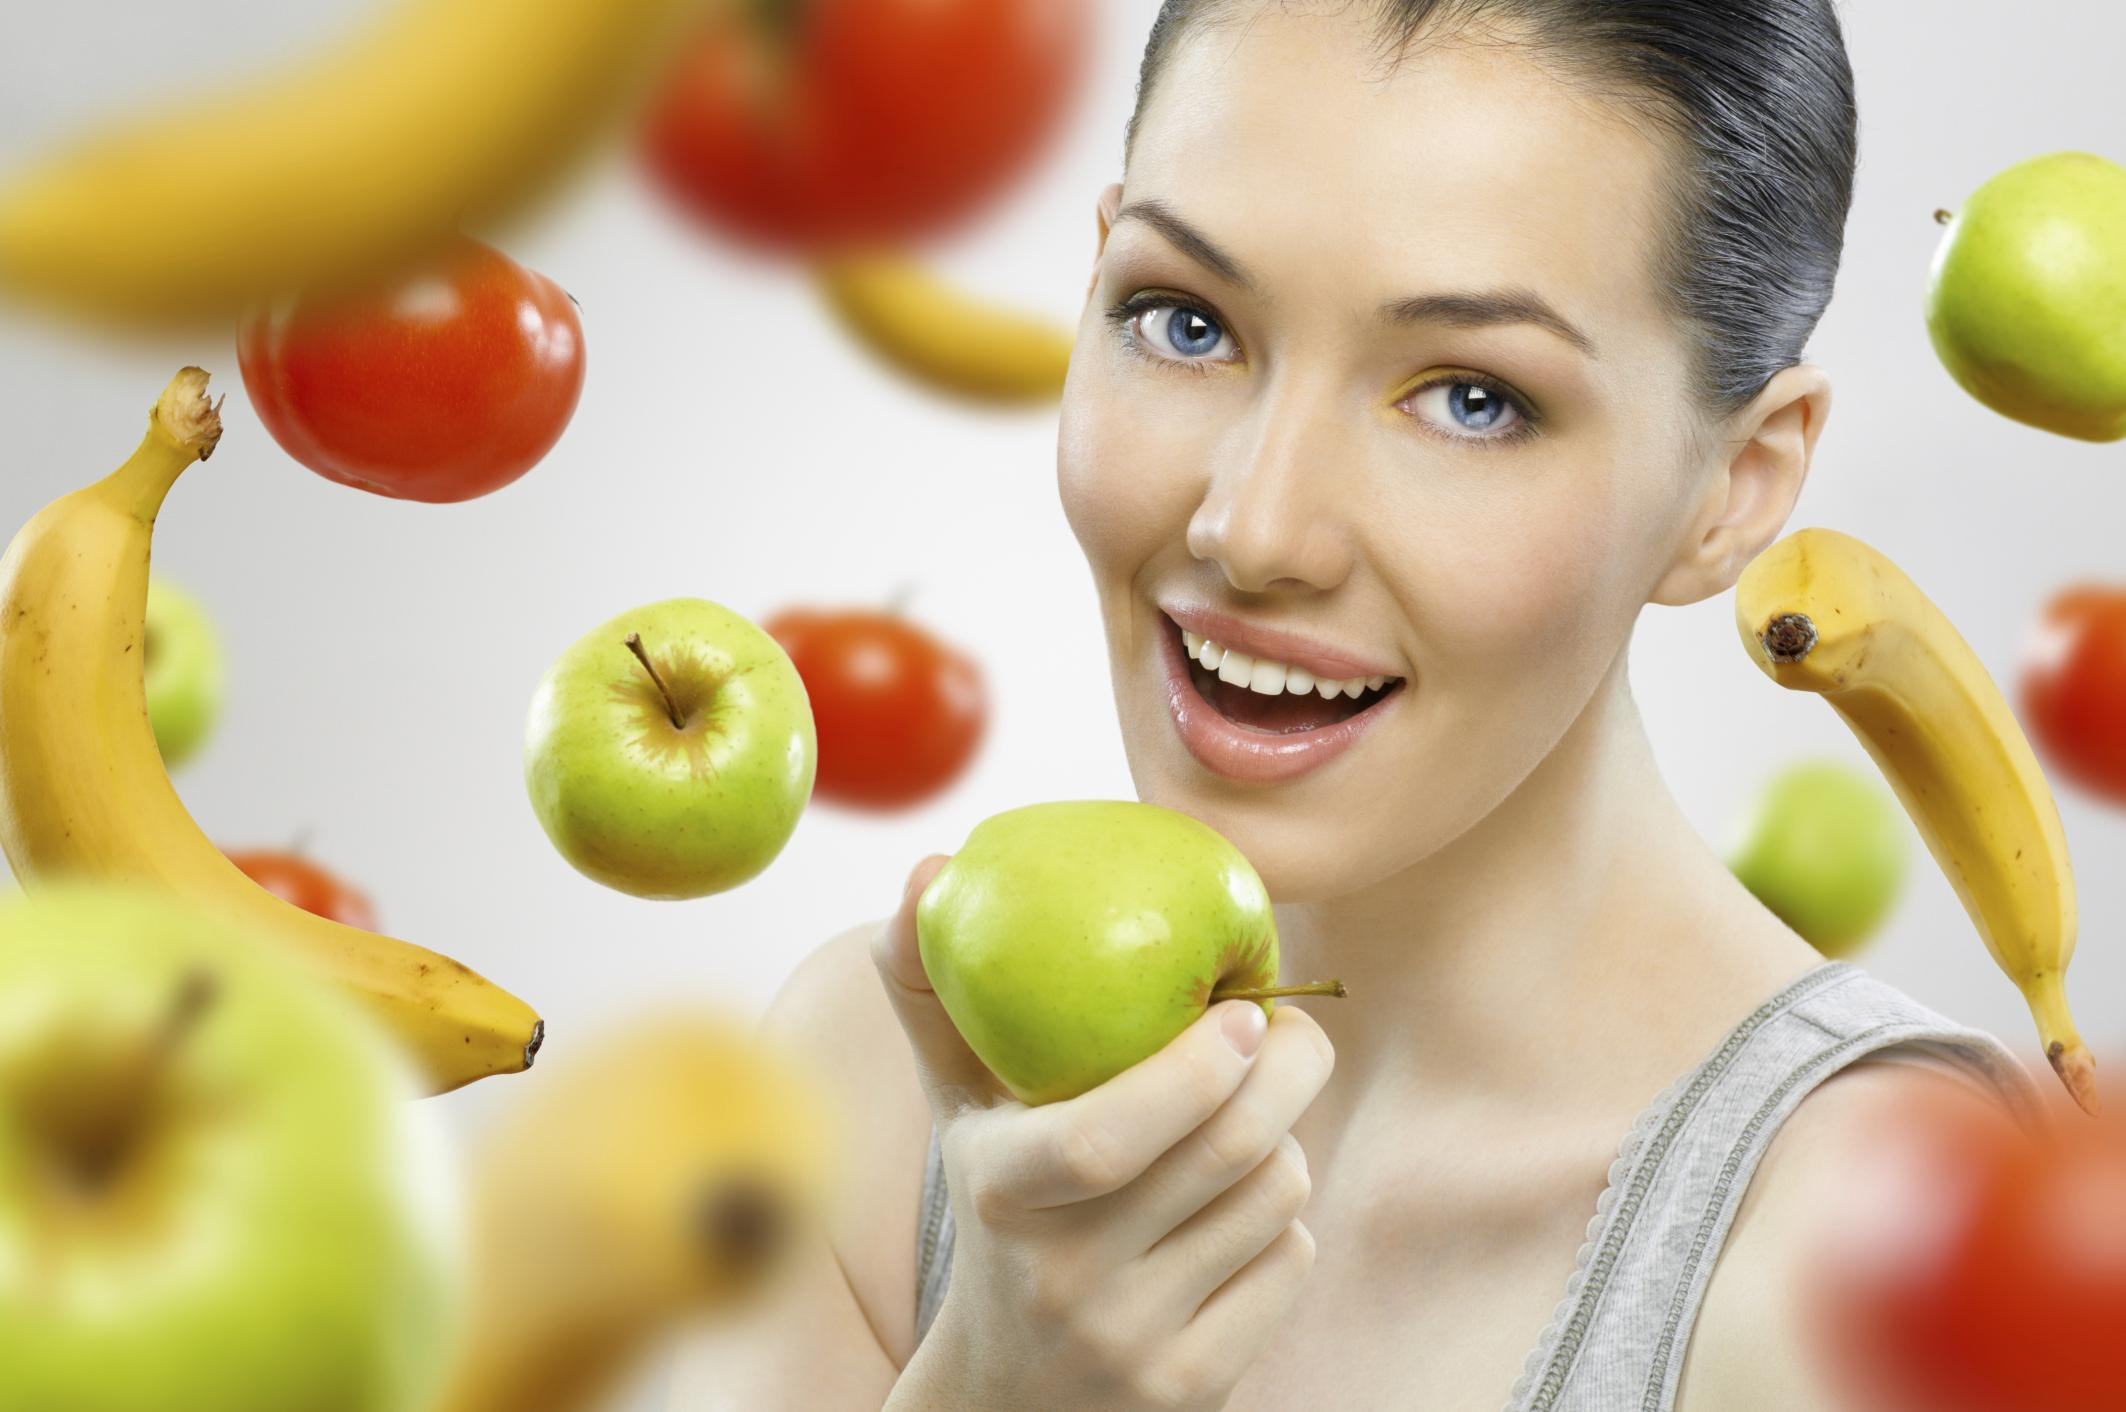 Dieta Fácil – Dieta Rapida Fácil Para Perder 5 Quilos e Emagrecer